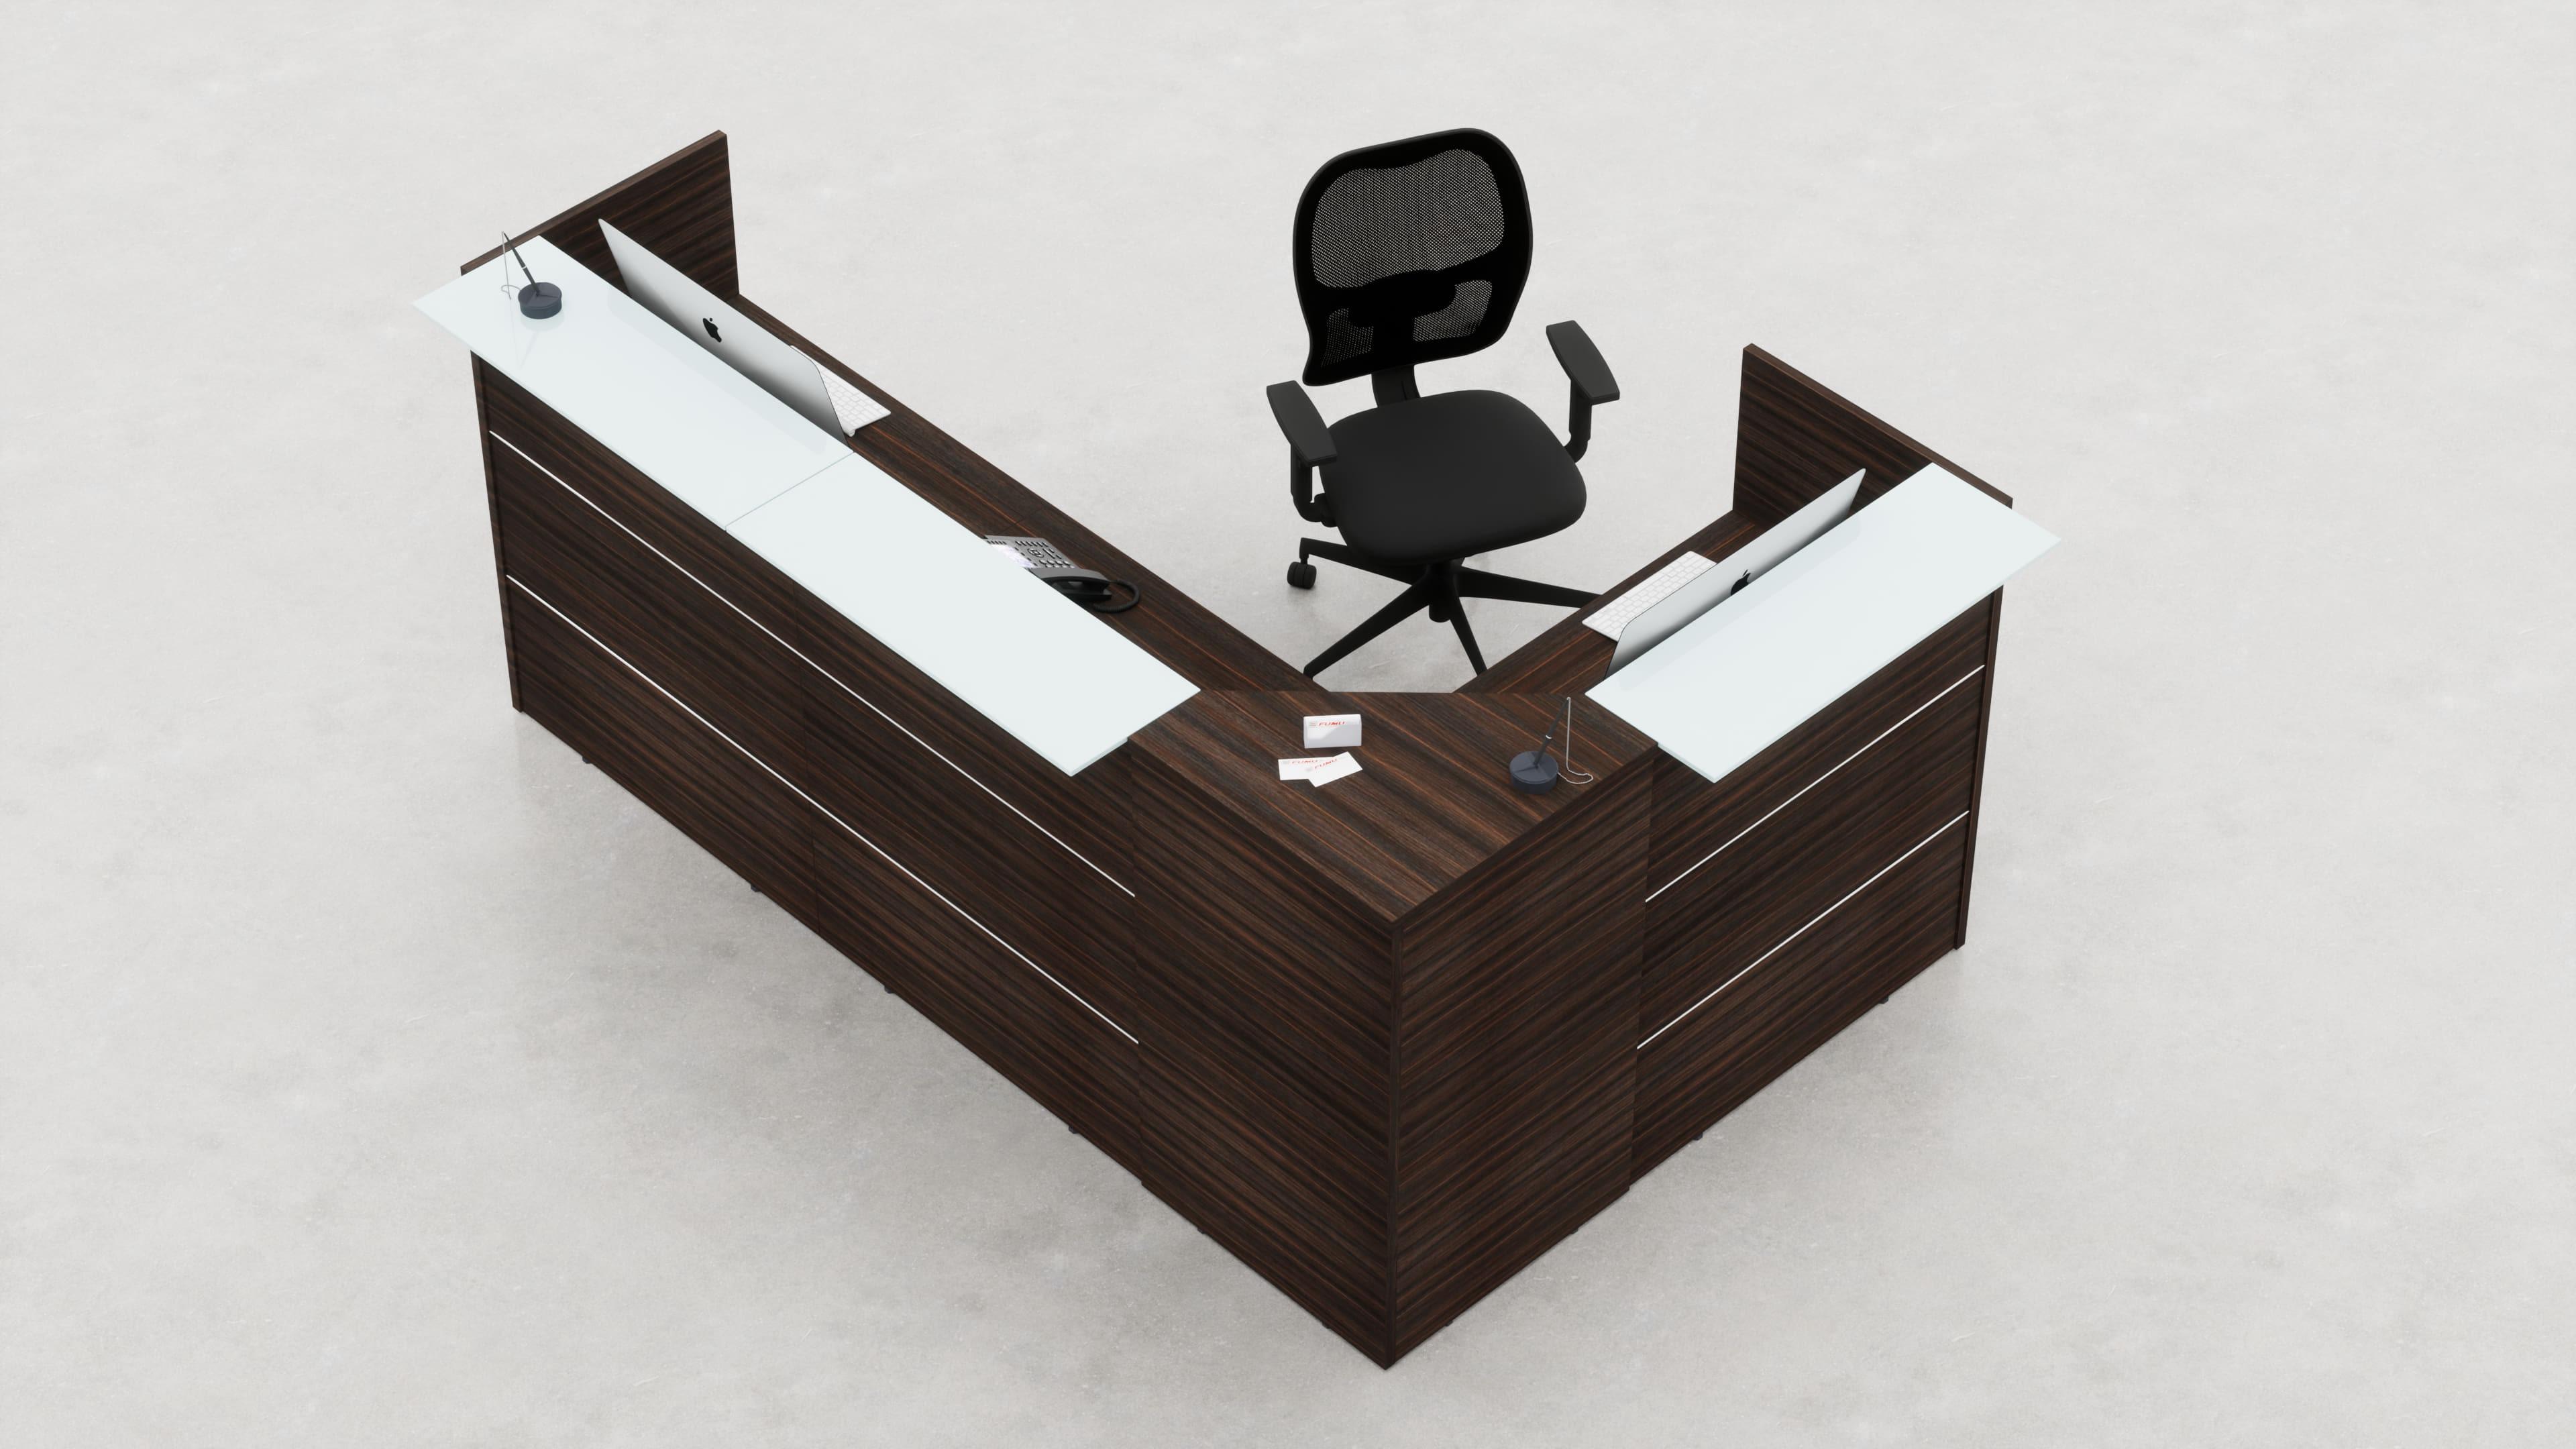 Reception angolare con top mensola vetro o legno L.258, 5